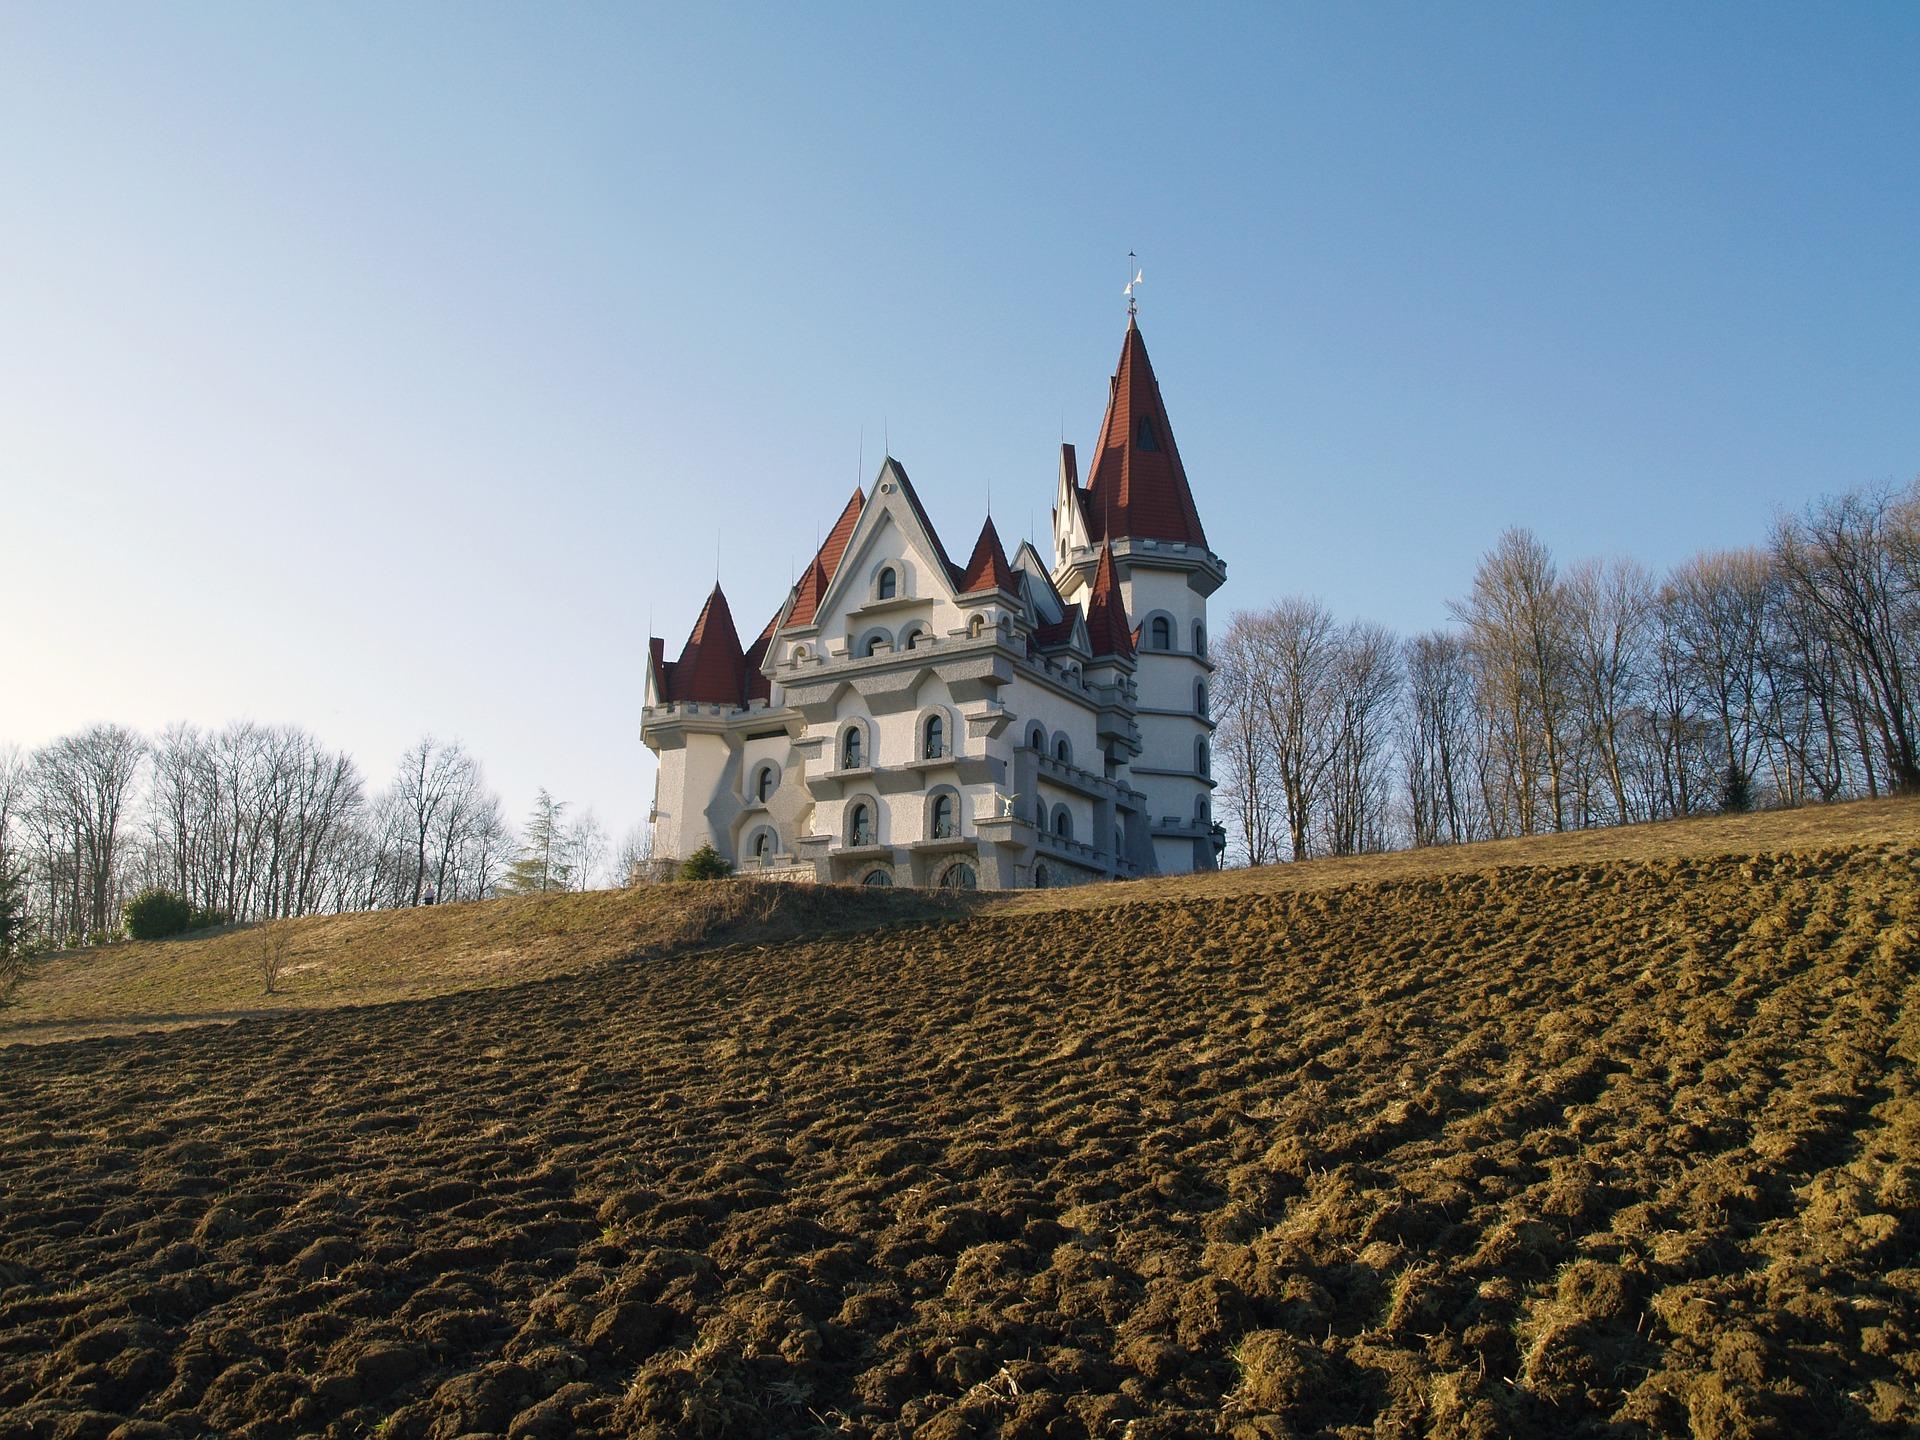 castle-1220798_1920